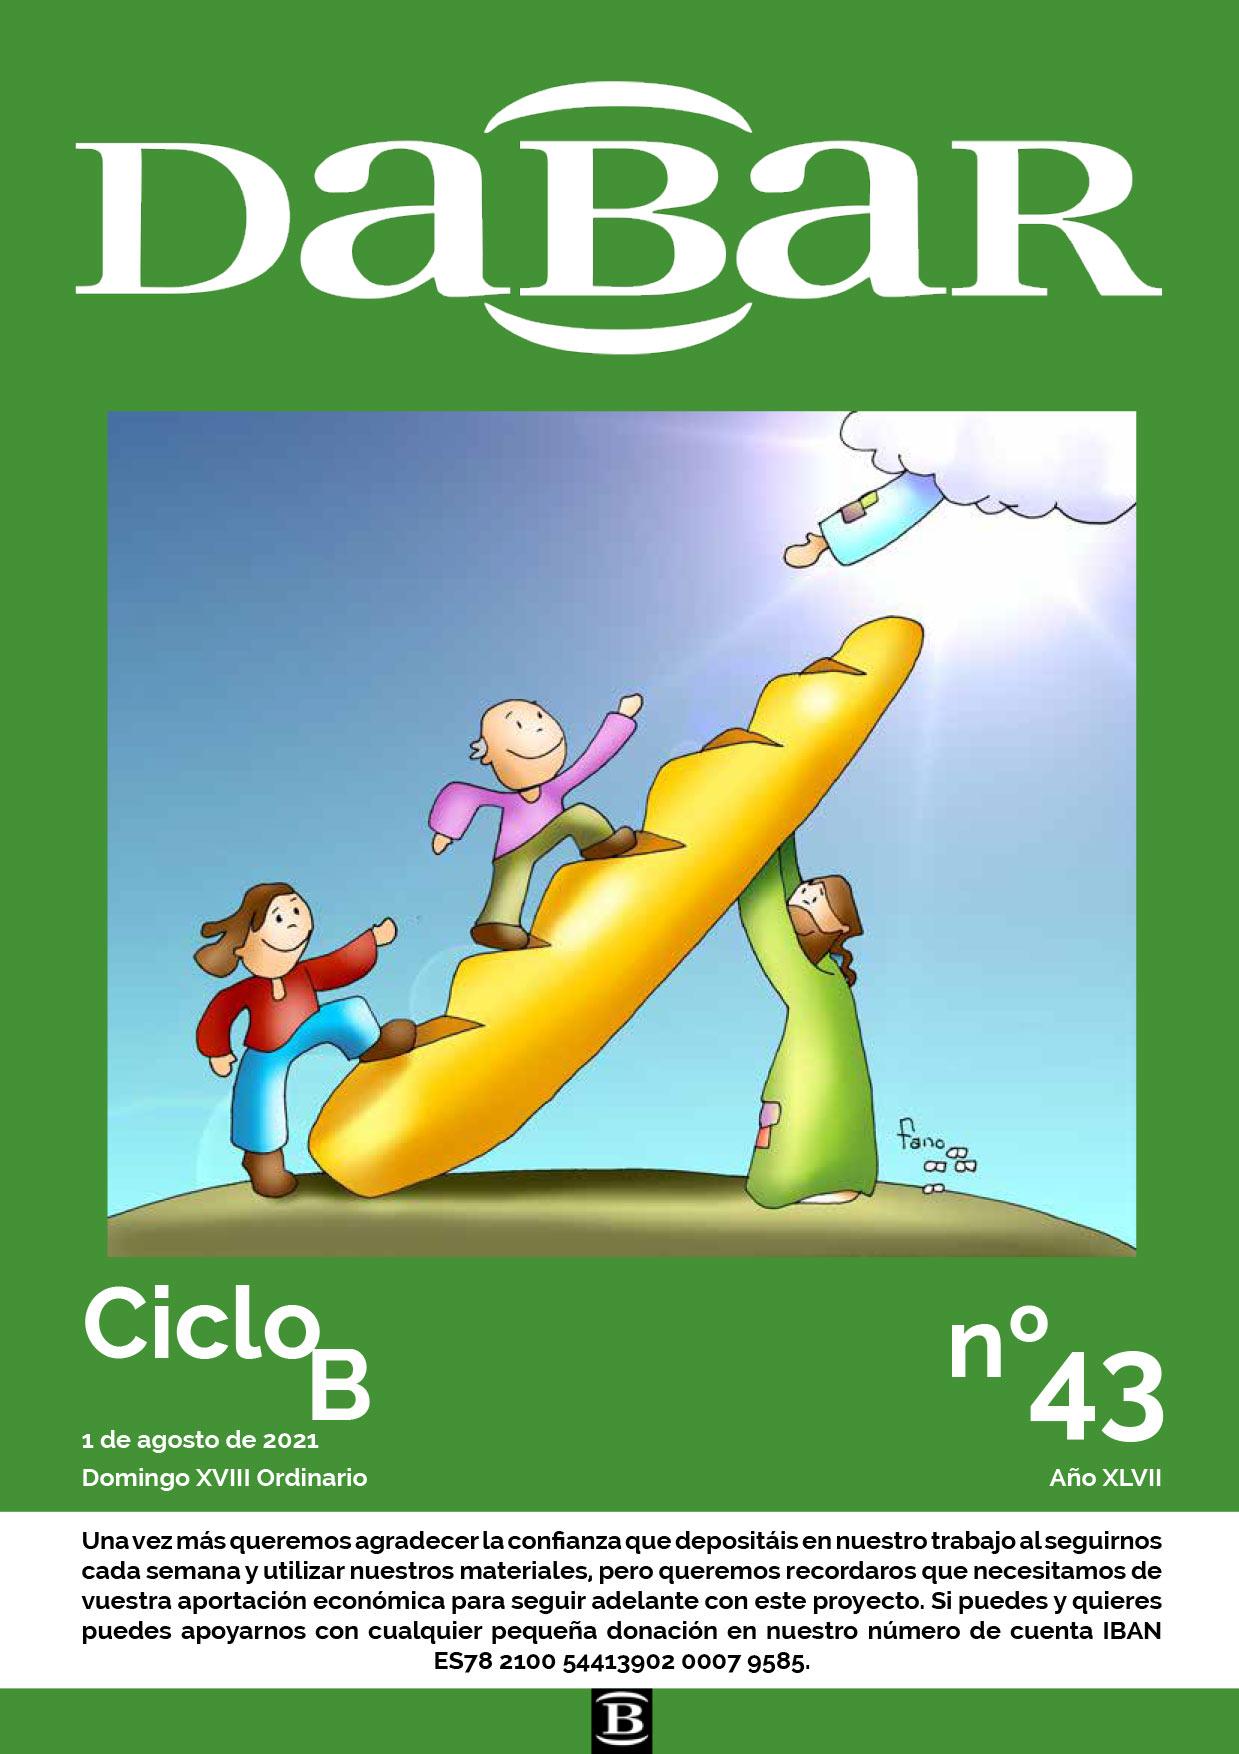 Dabar Revista numero 43 ciclo B